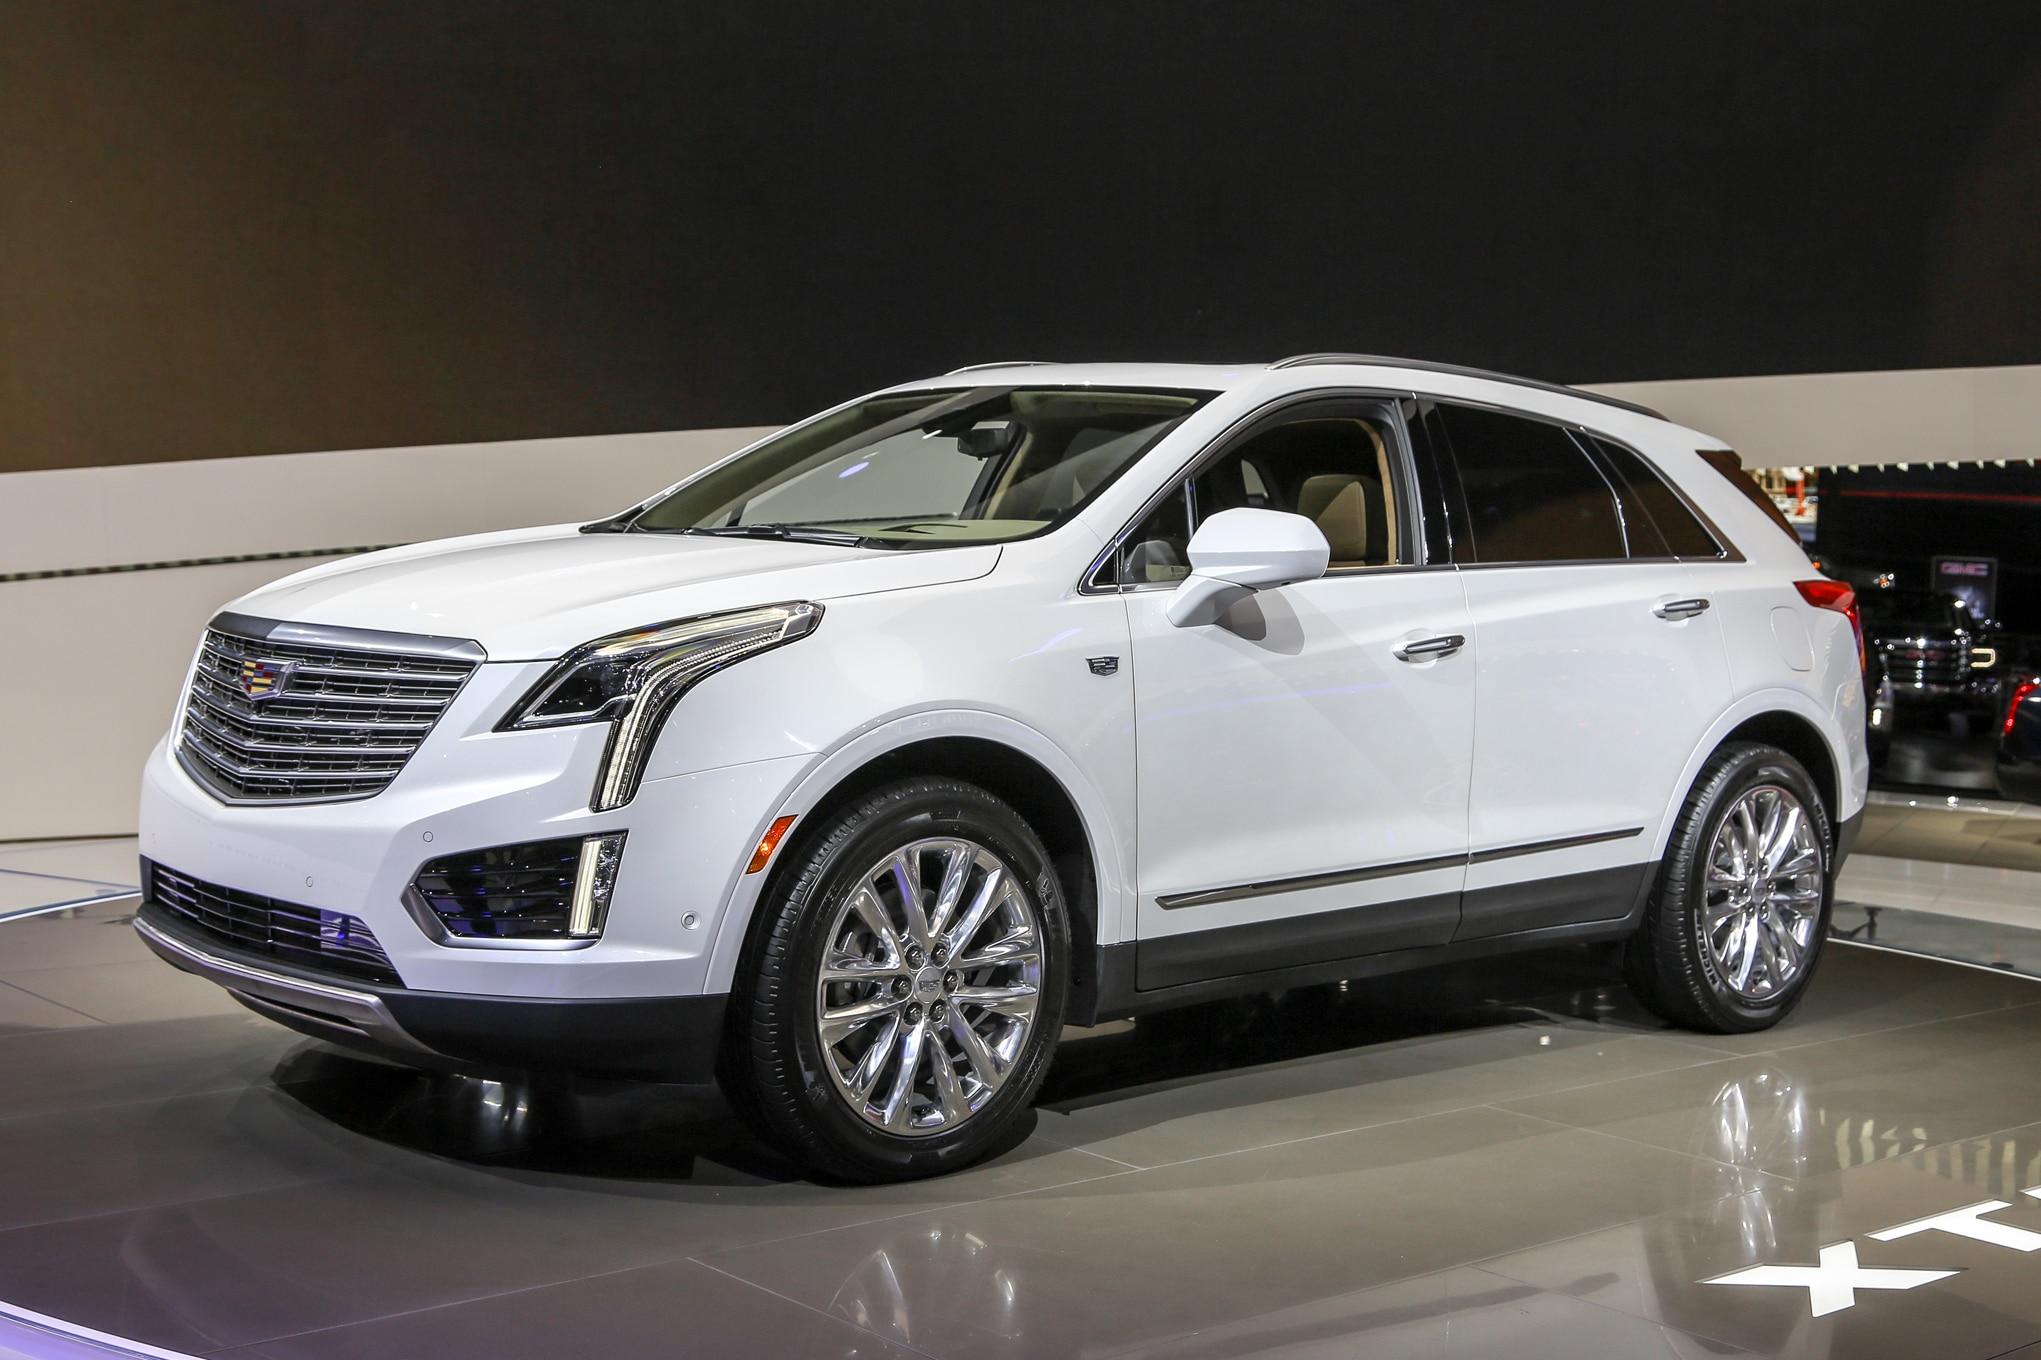 2017 Cadillac XT5 Front Three Quarters